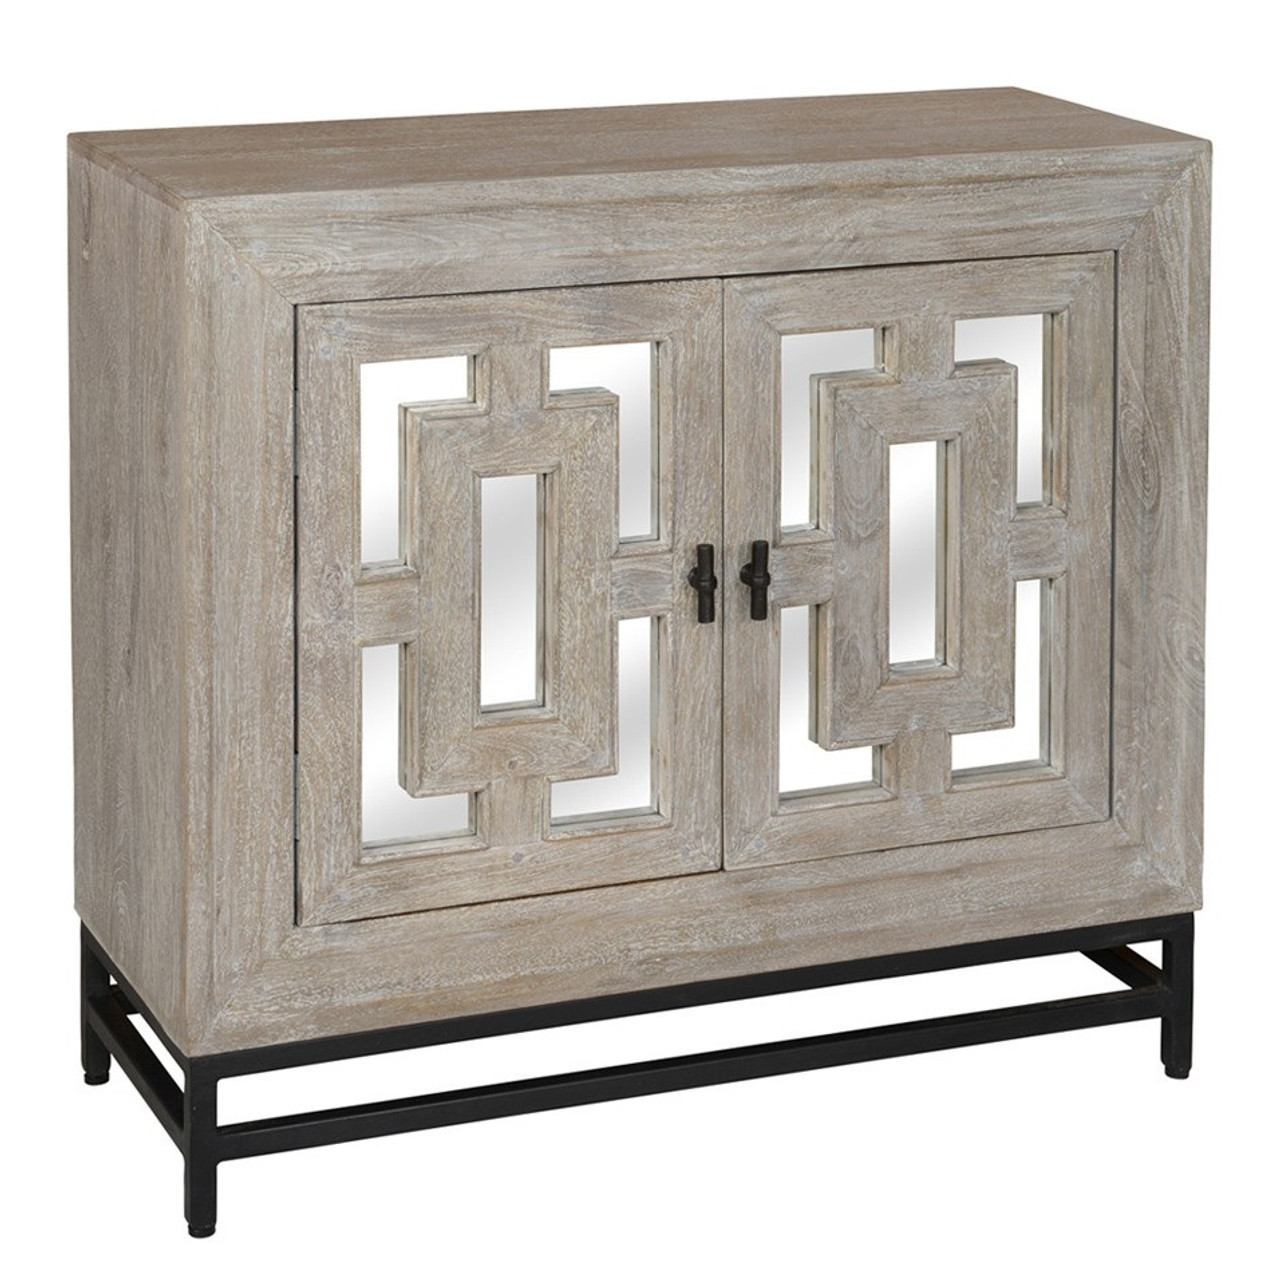 Ordinaire Marabella 2 Door Mirrored Wood Small Sideboard